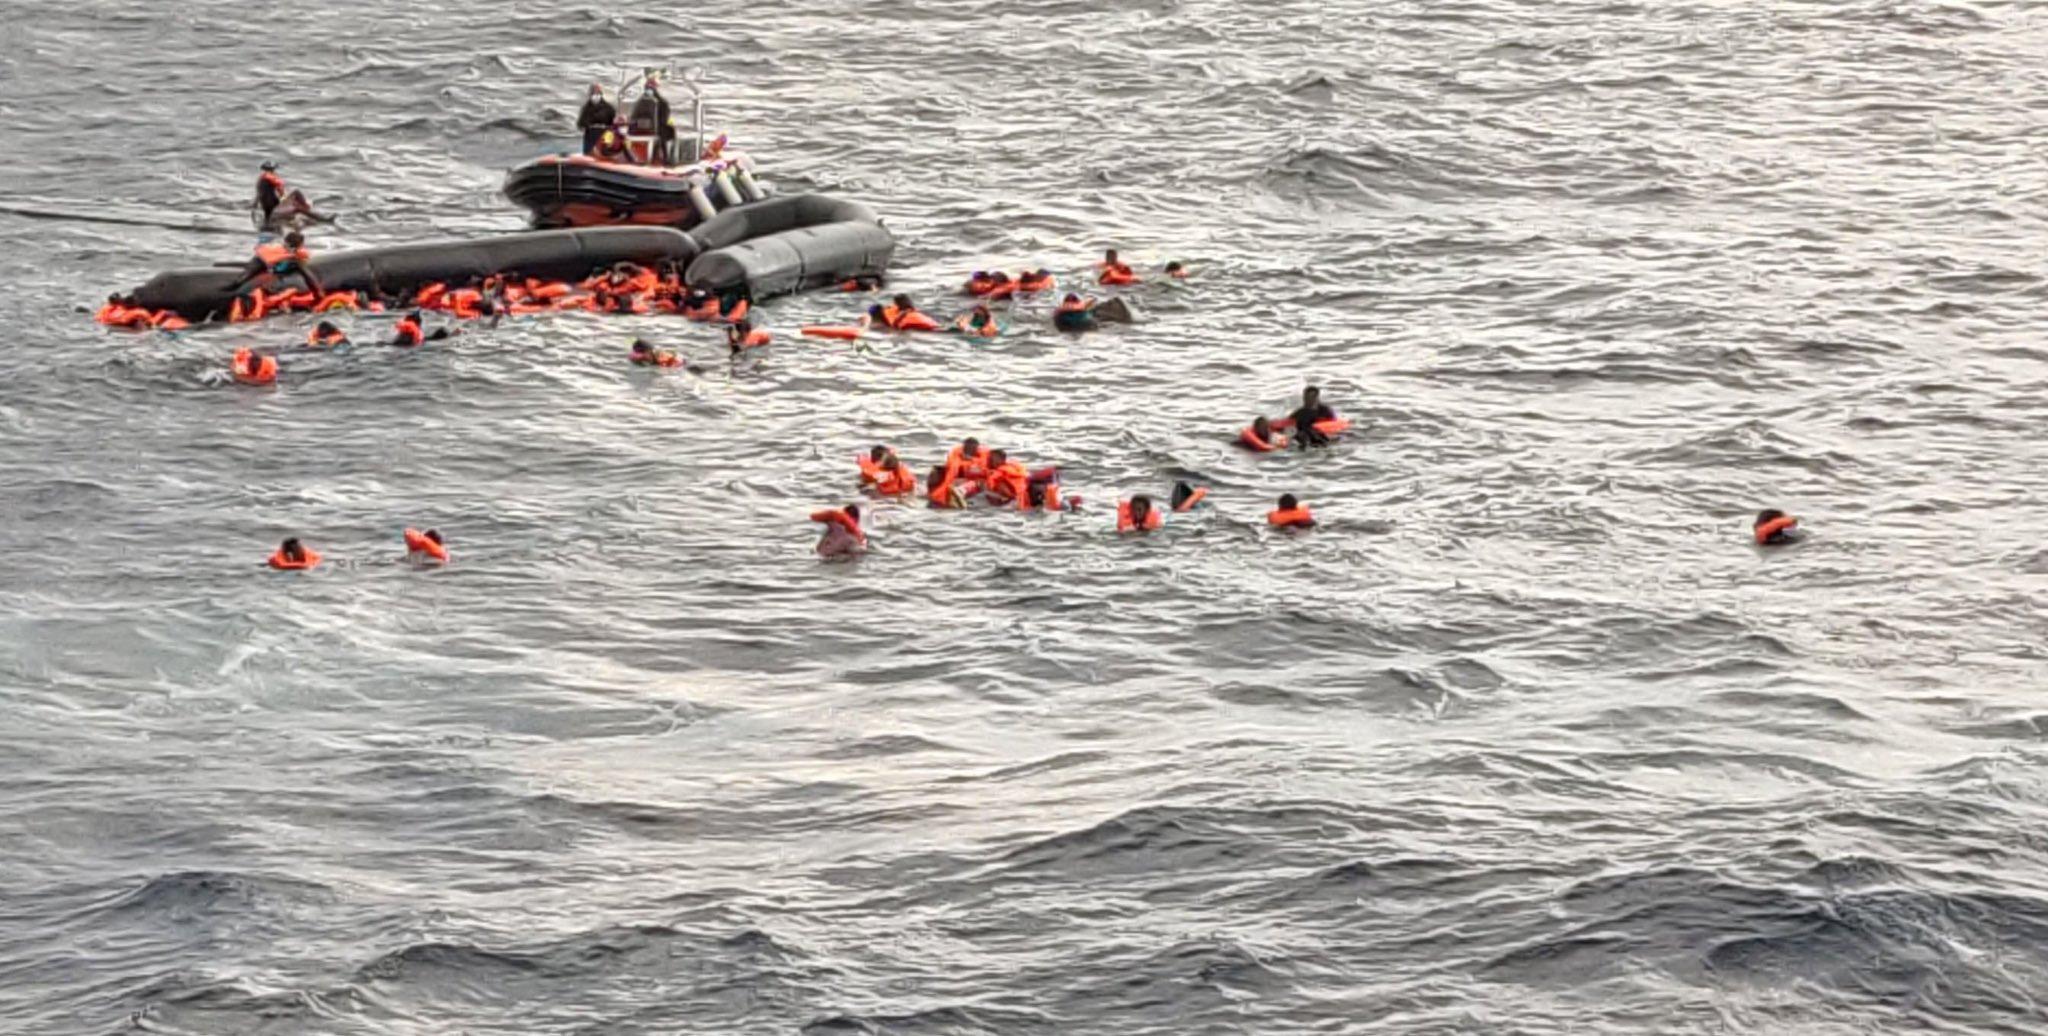 Immigrazione clandestina e naufragio: individuato un presunto scafista di 21 anni